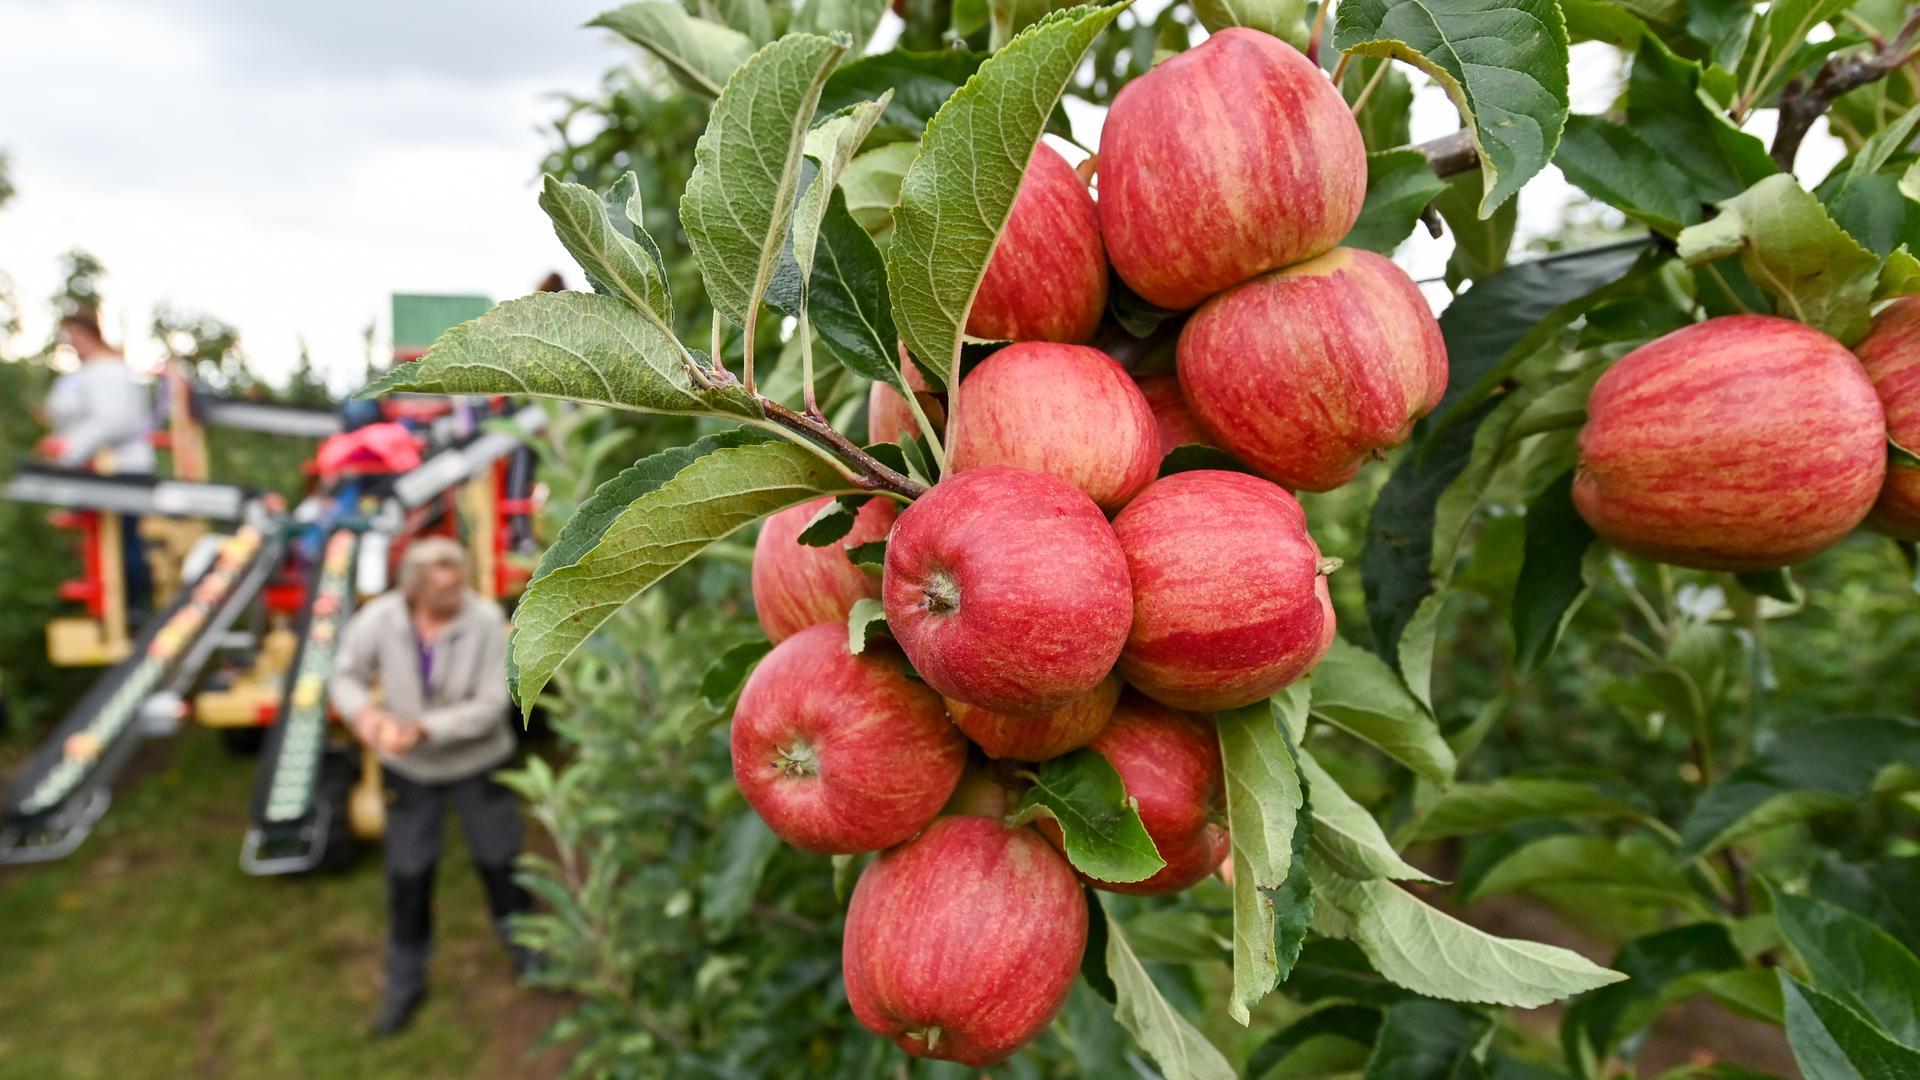 Mitarbeiterinnen einer Agrargenossenschaft . ernten Äpfel